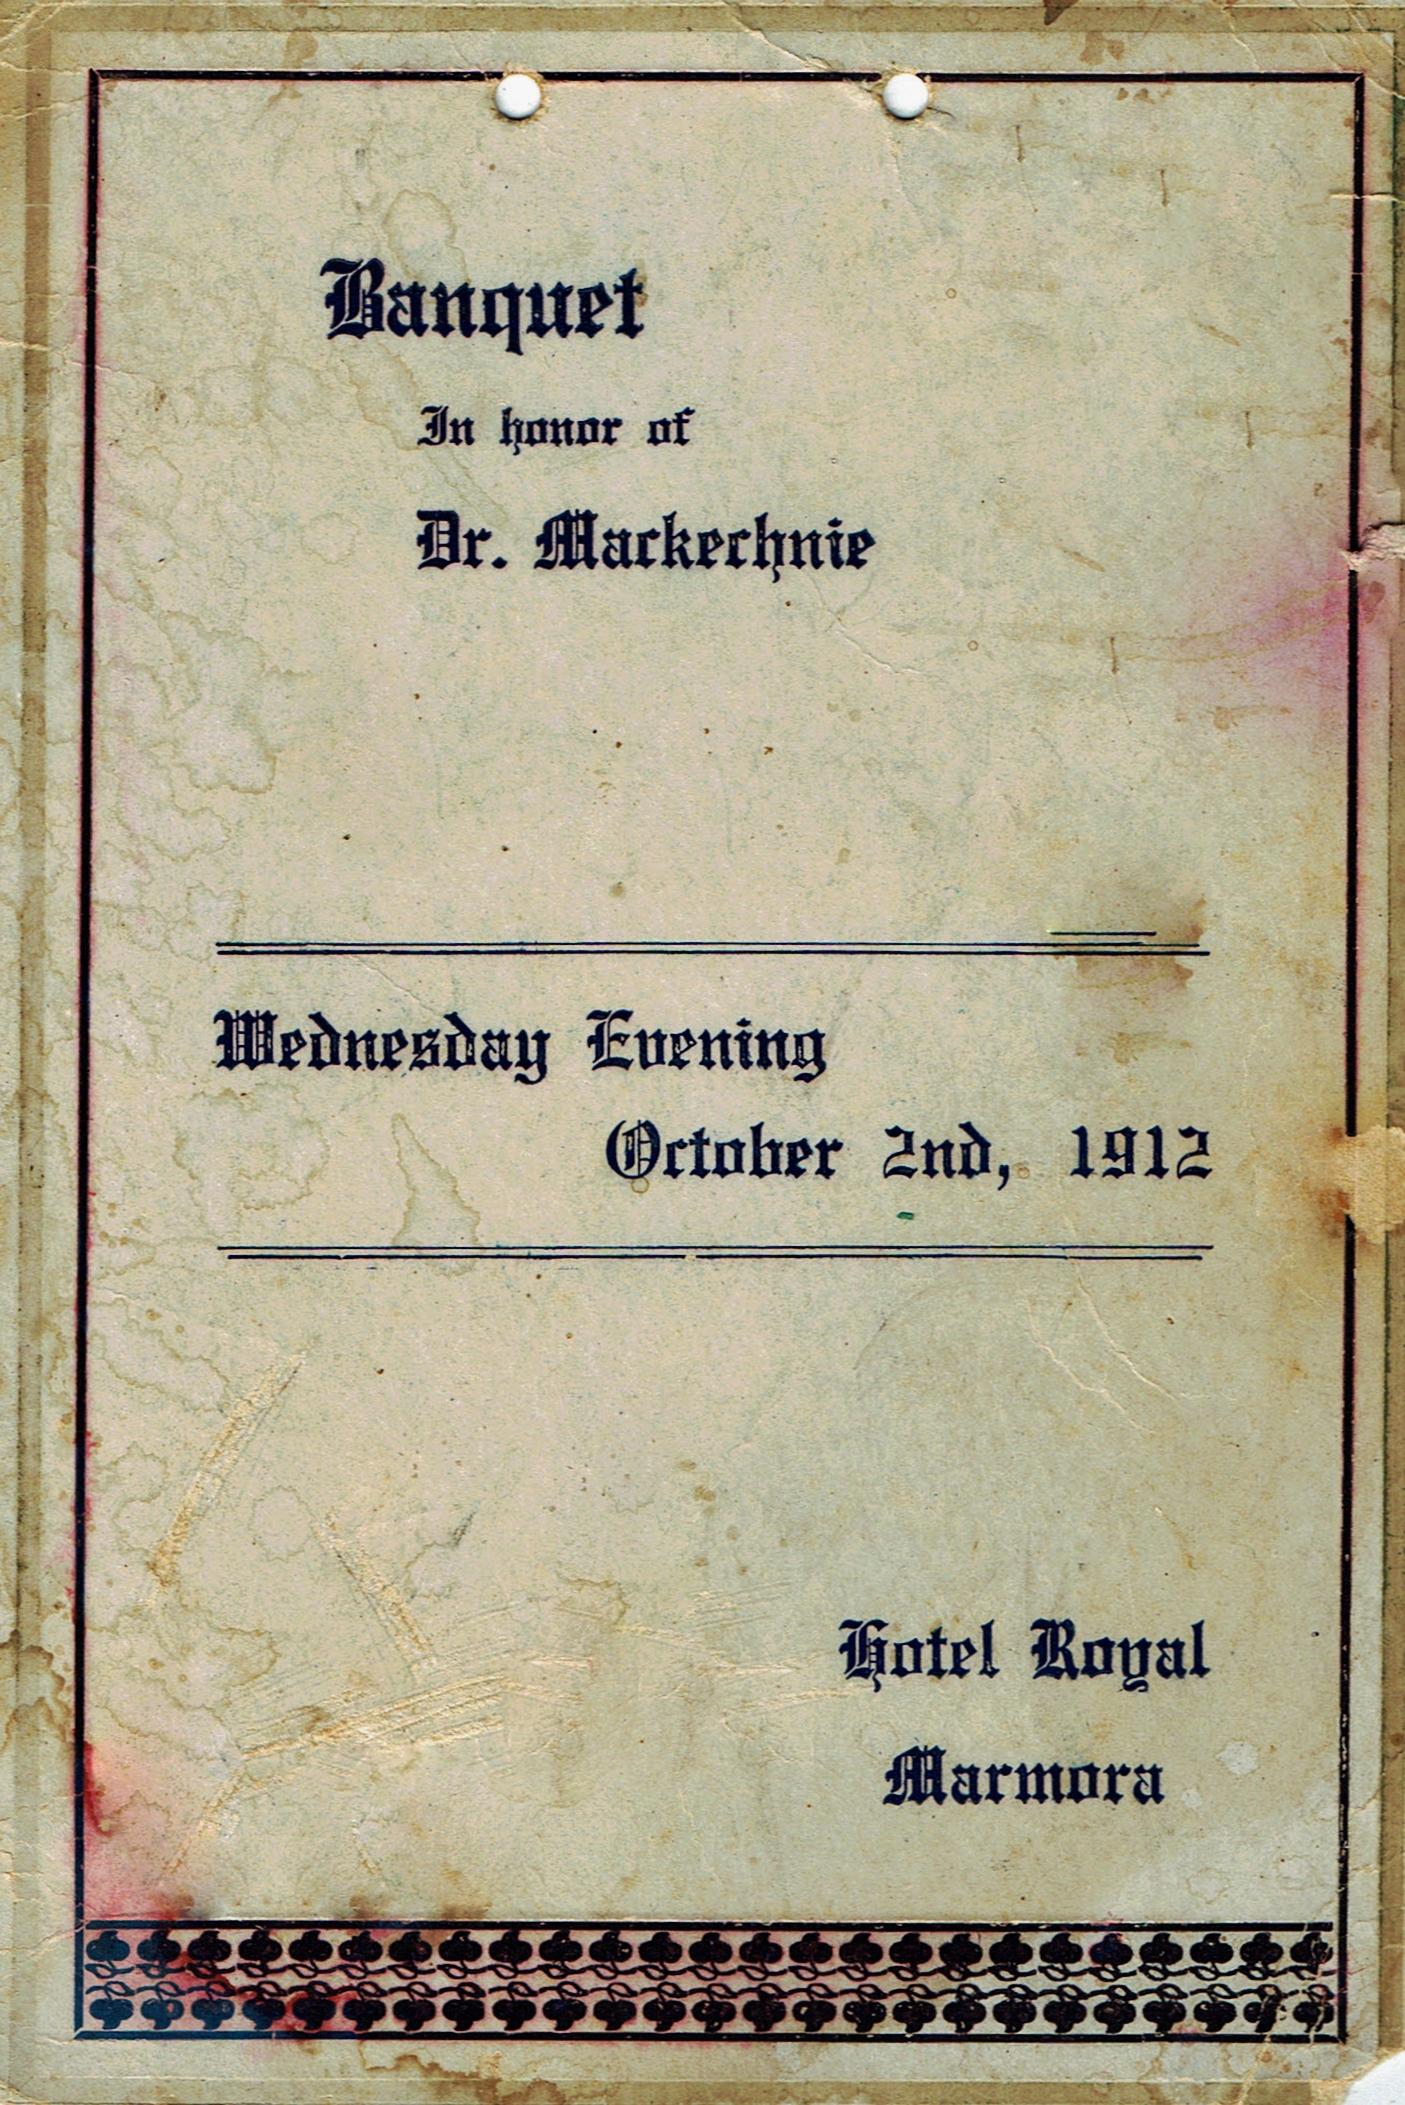 Dr MacKechnie Banquet 1912.jpg